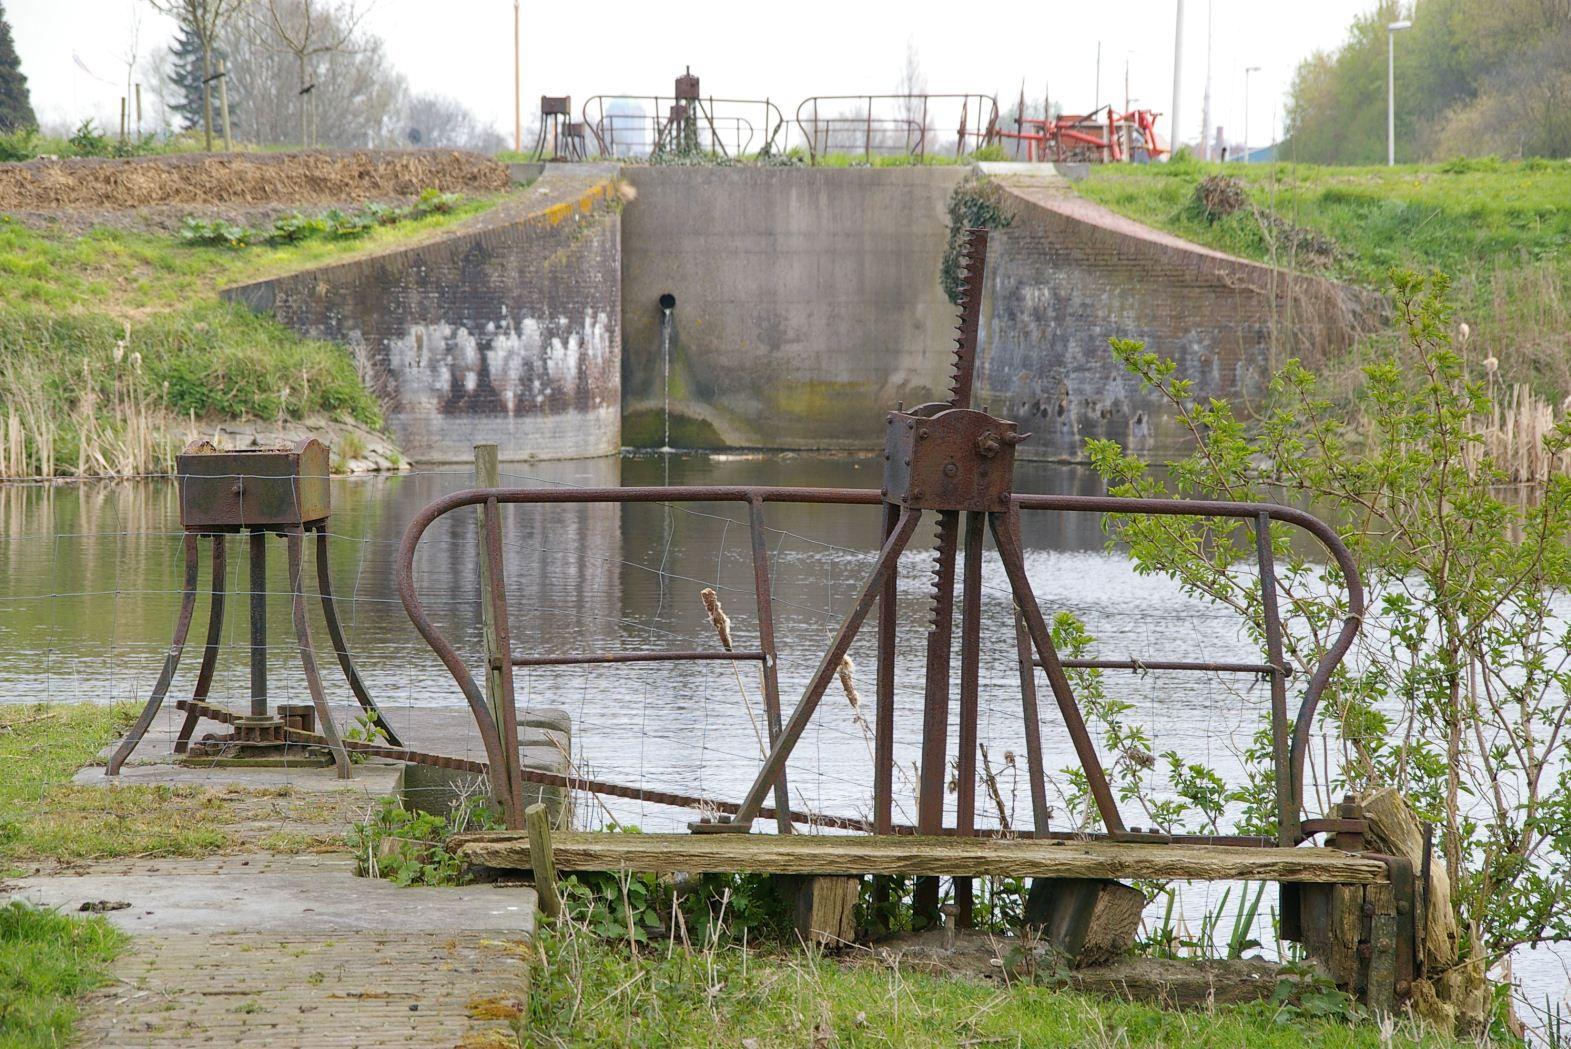 Dubbele schutsluis Fort bij Aalsmeer.